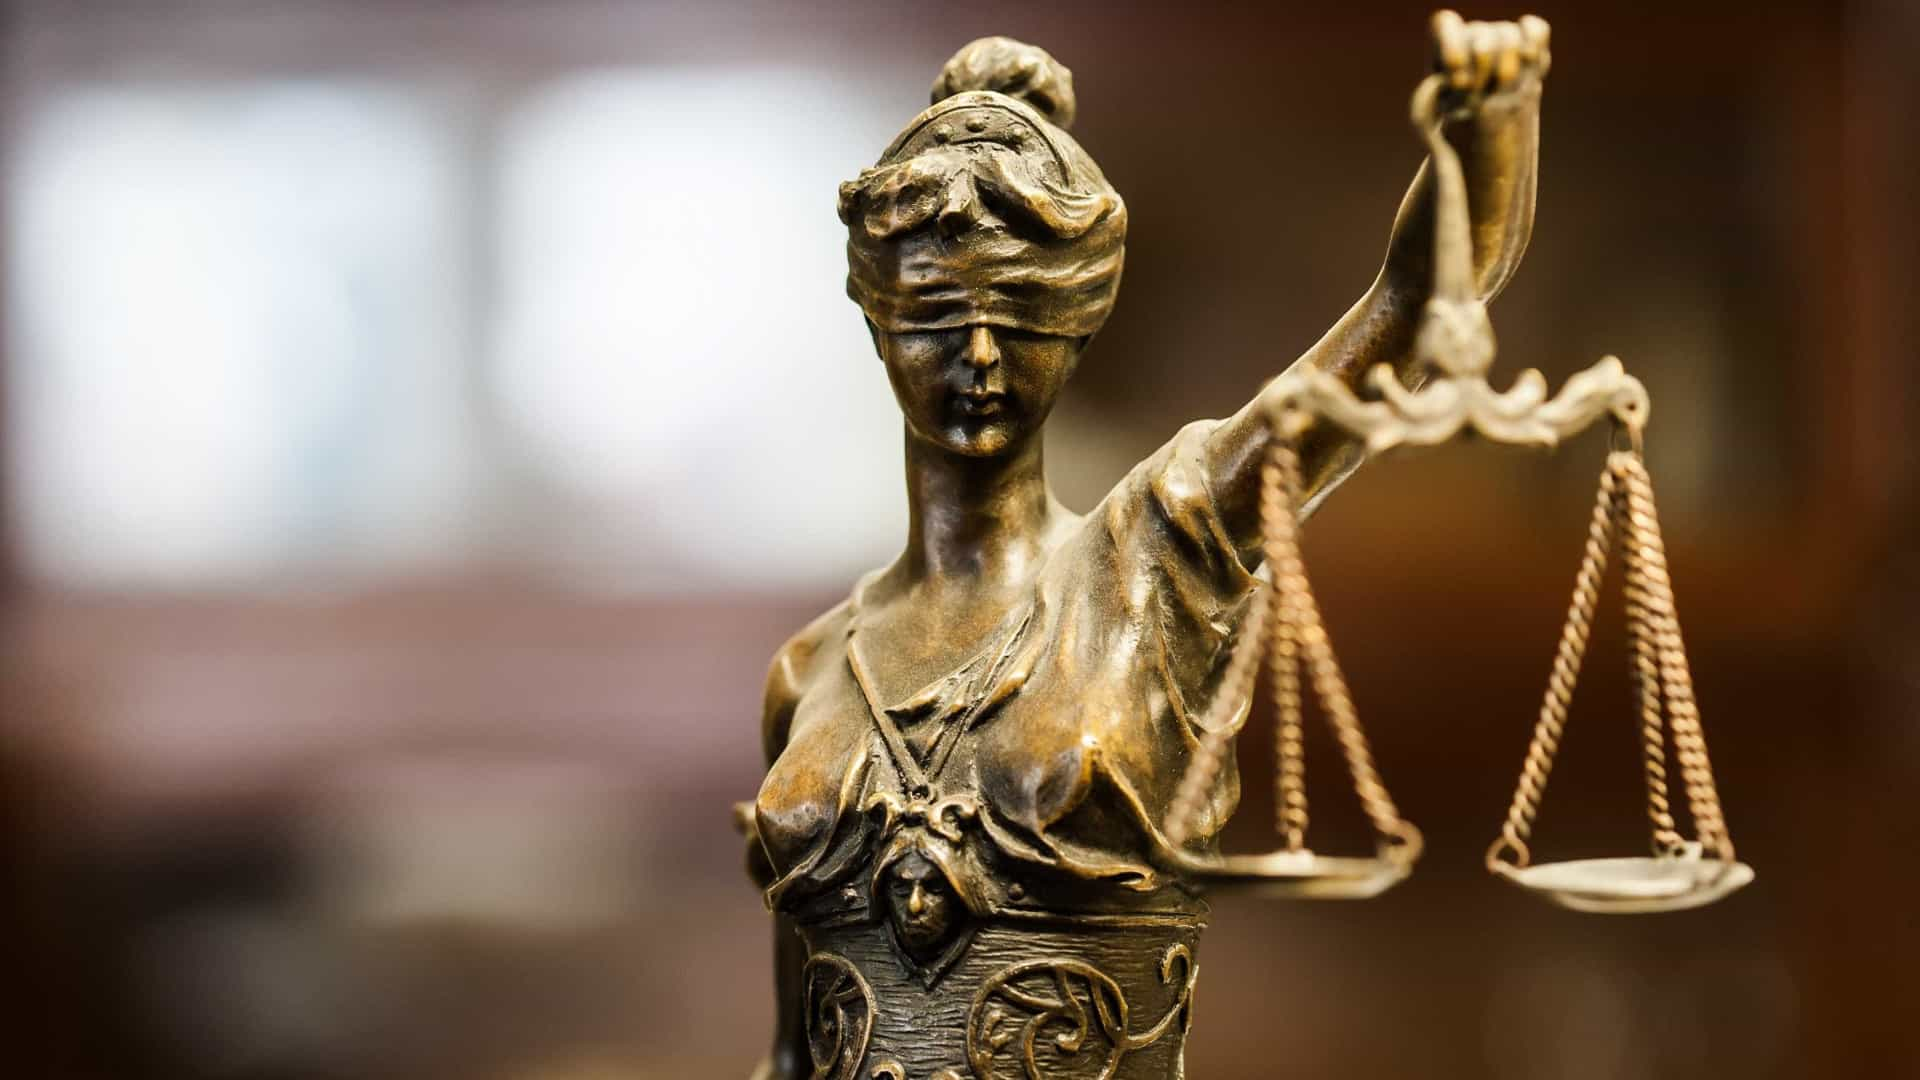 Tribunal de Vila Real adia leitura de acórdão sobre tráfico de pessoas